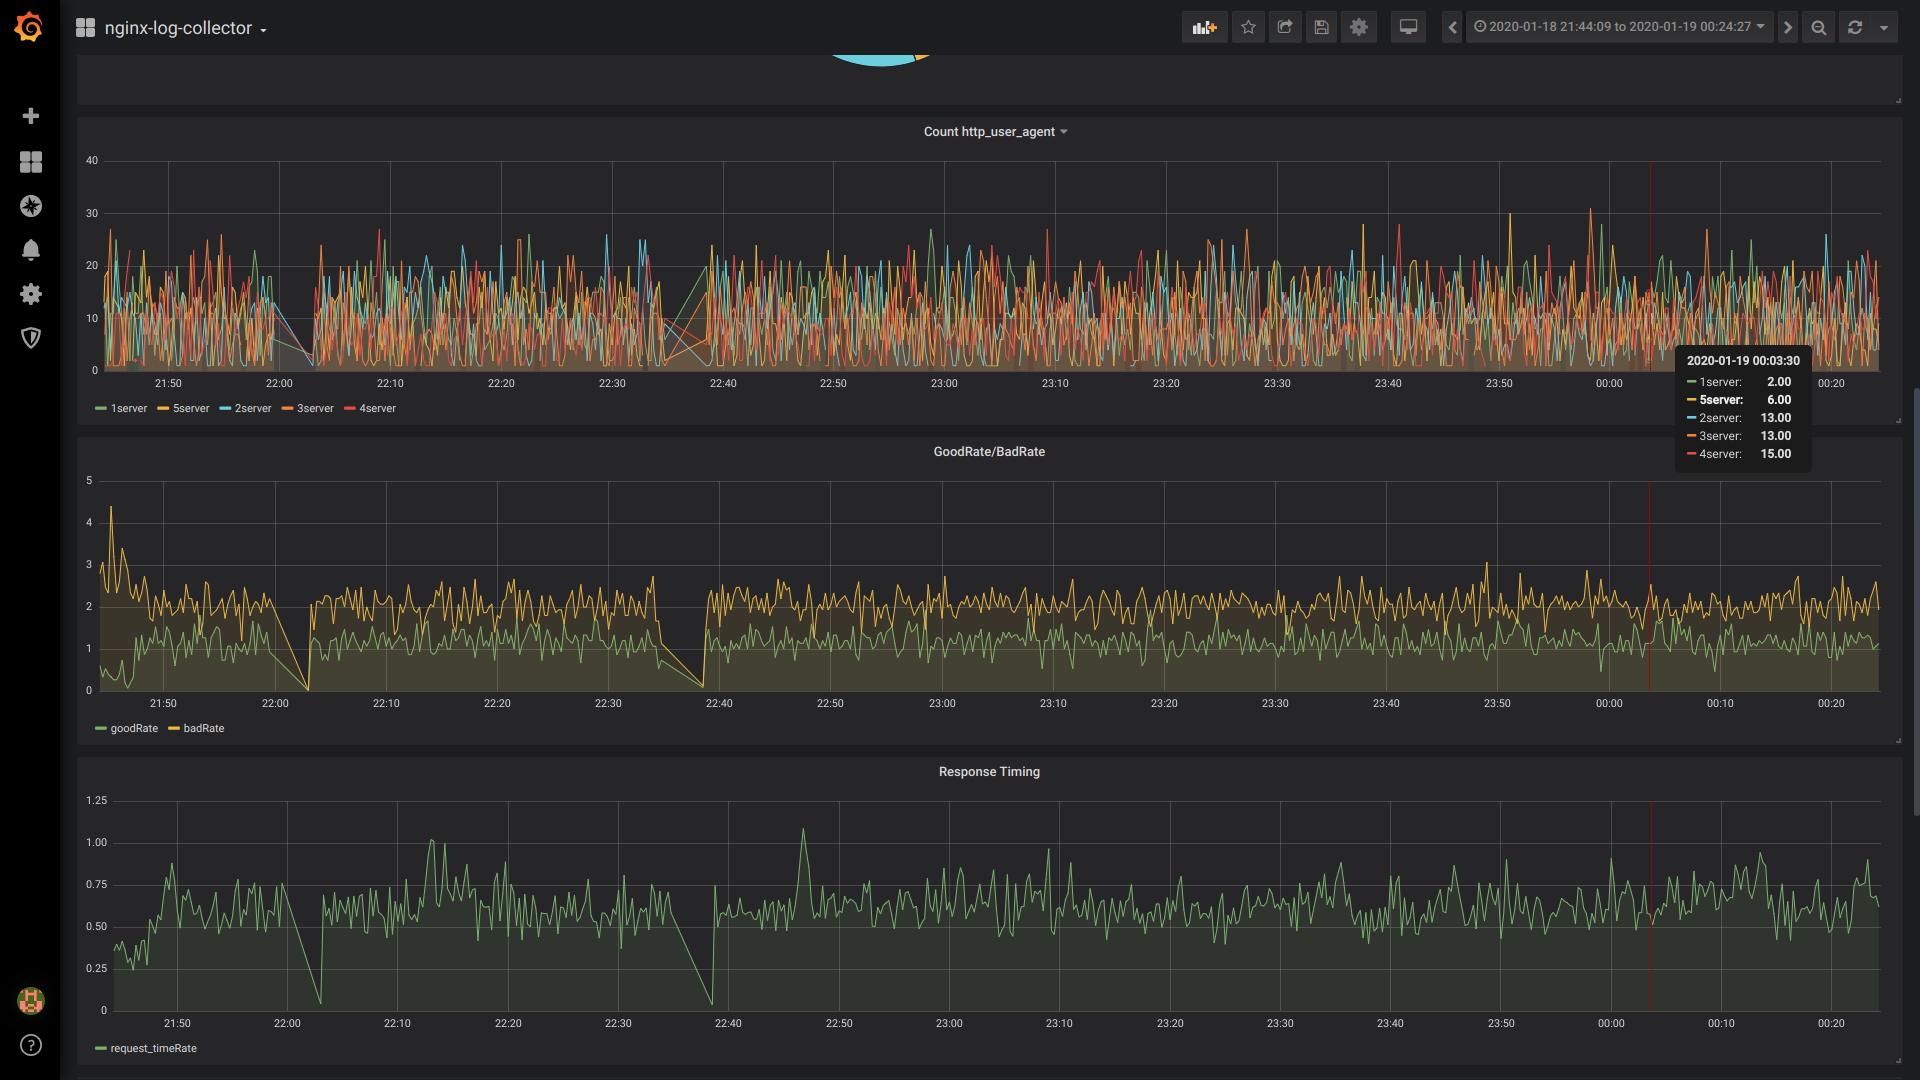 Nginx-log-collector утилита от Авито для отправки логов nginx в Clickhouse - 12